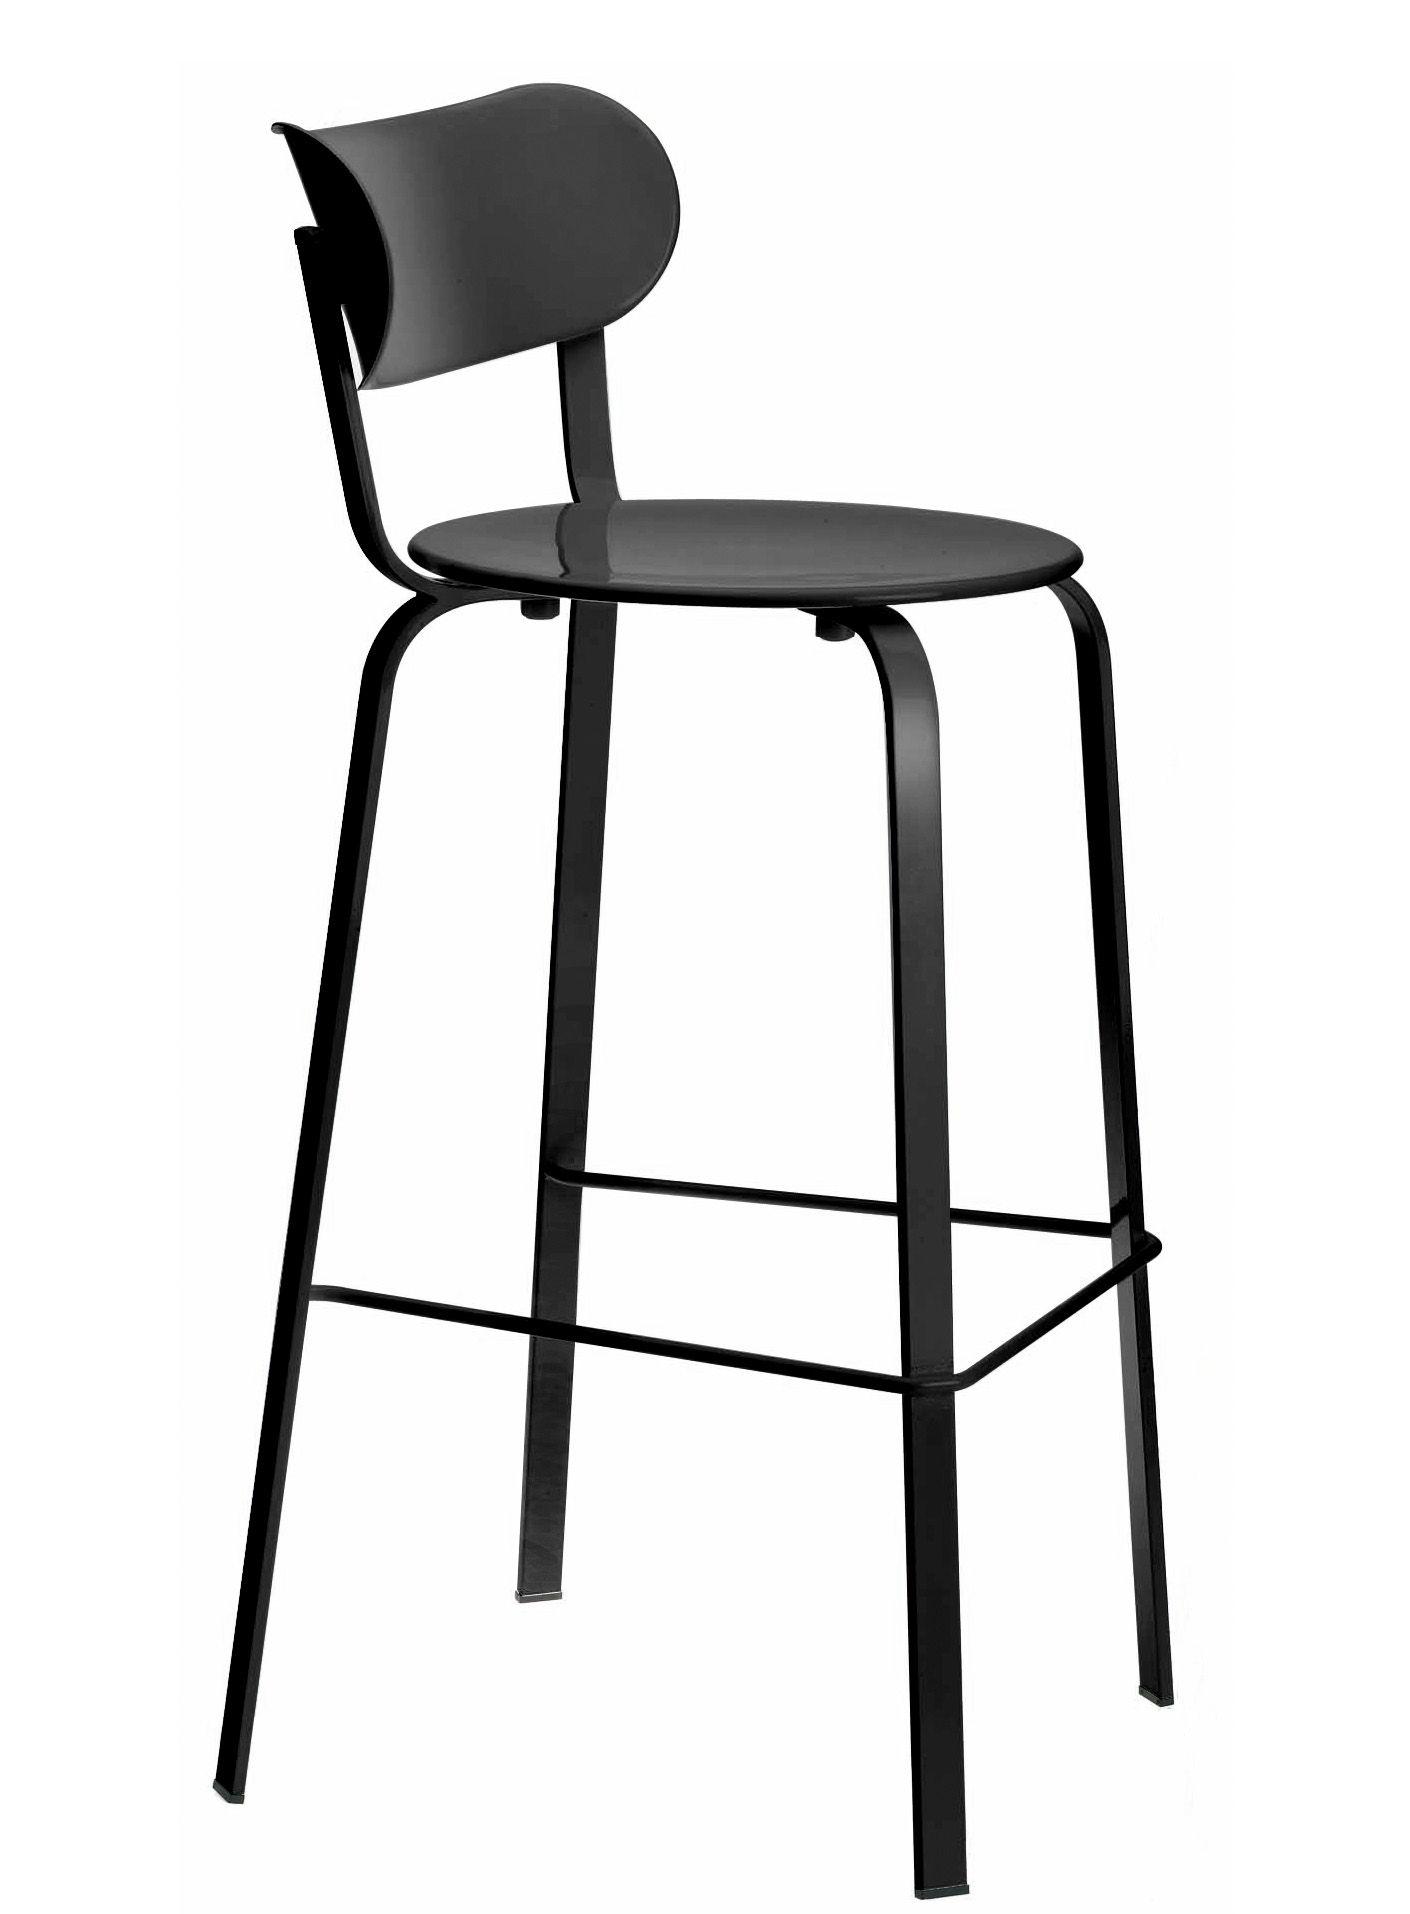 Arredamento - Sgabelli da bar  - Sedia da bar Stil di Lapalma - Metallo laccato nero - metallo laccato